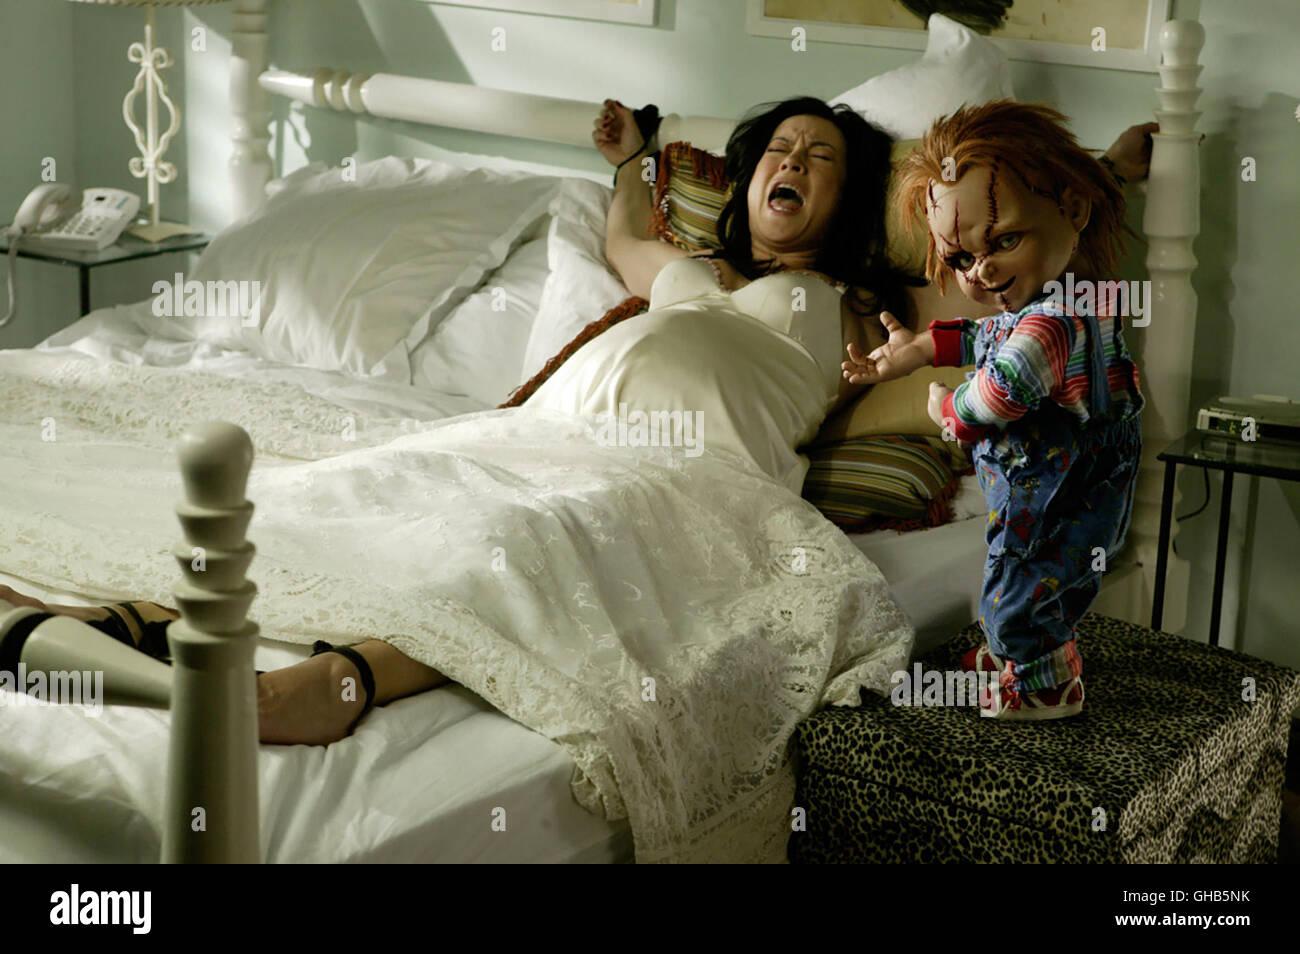 Sinnlich Schätzchen Chastity Lynn bekommt Ihr muschi gebohrt im Bett